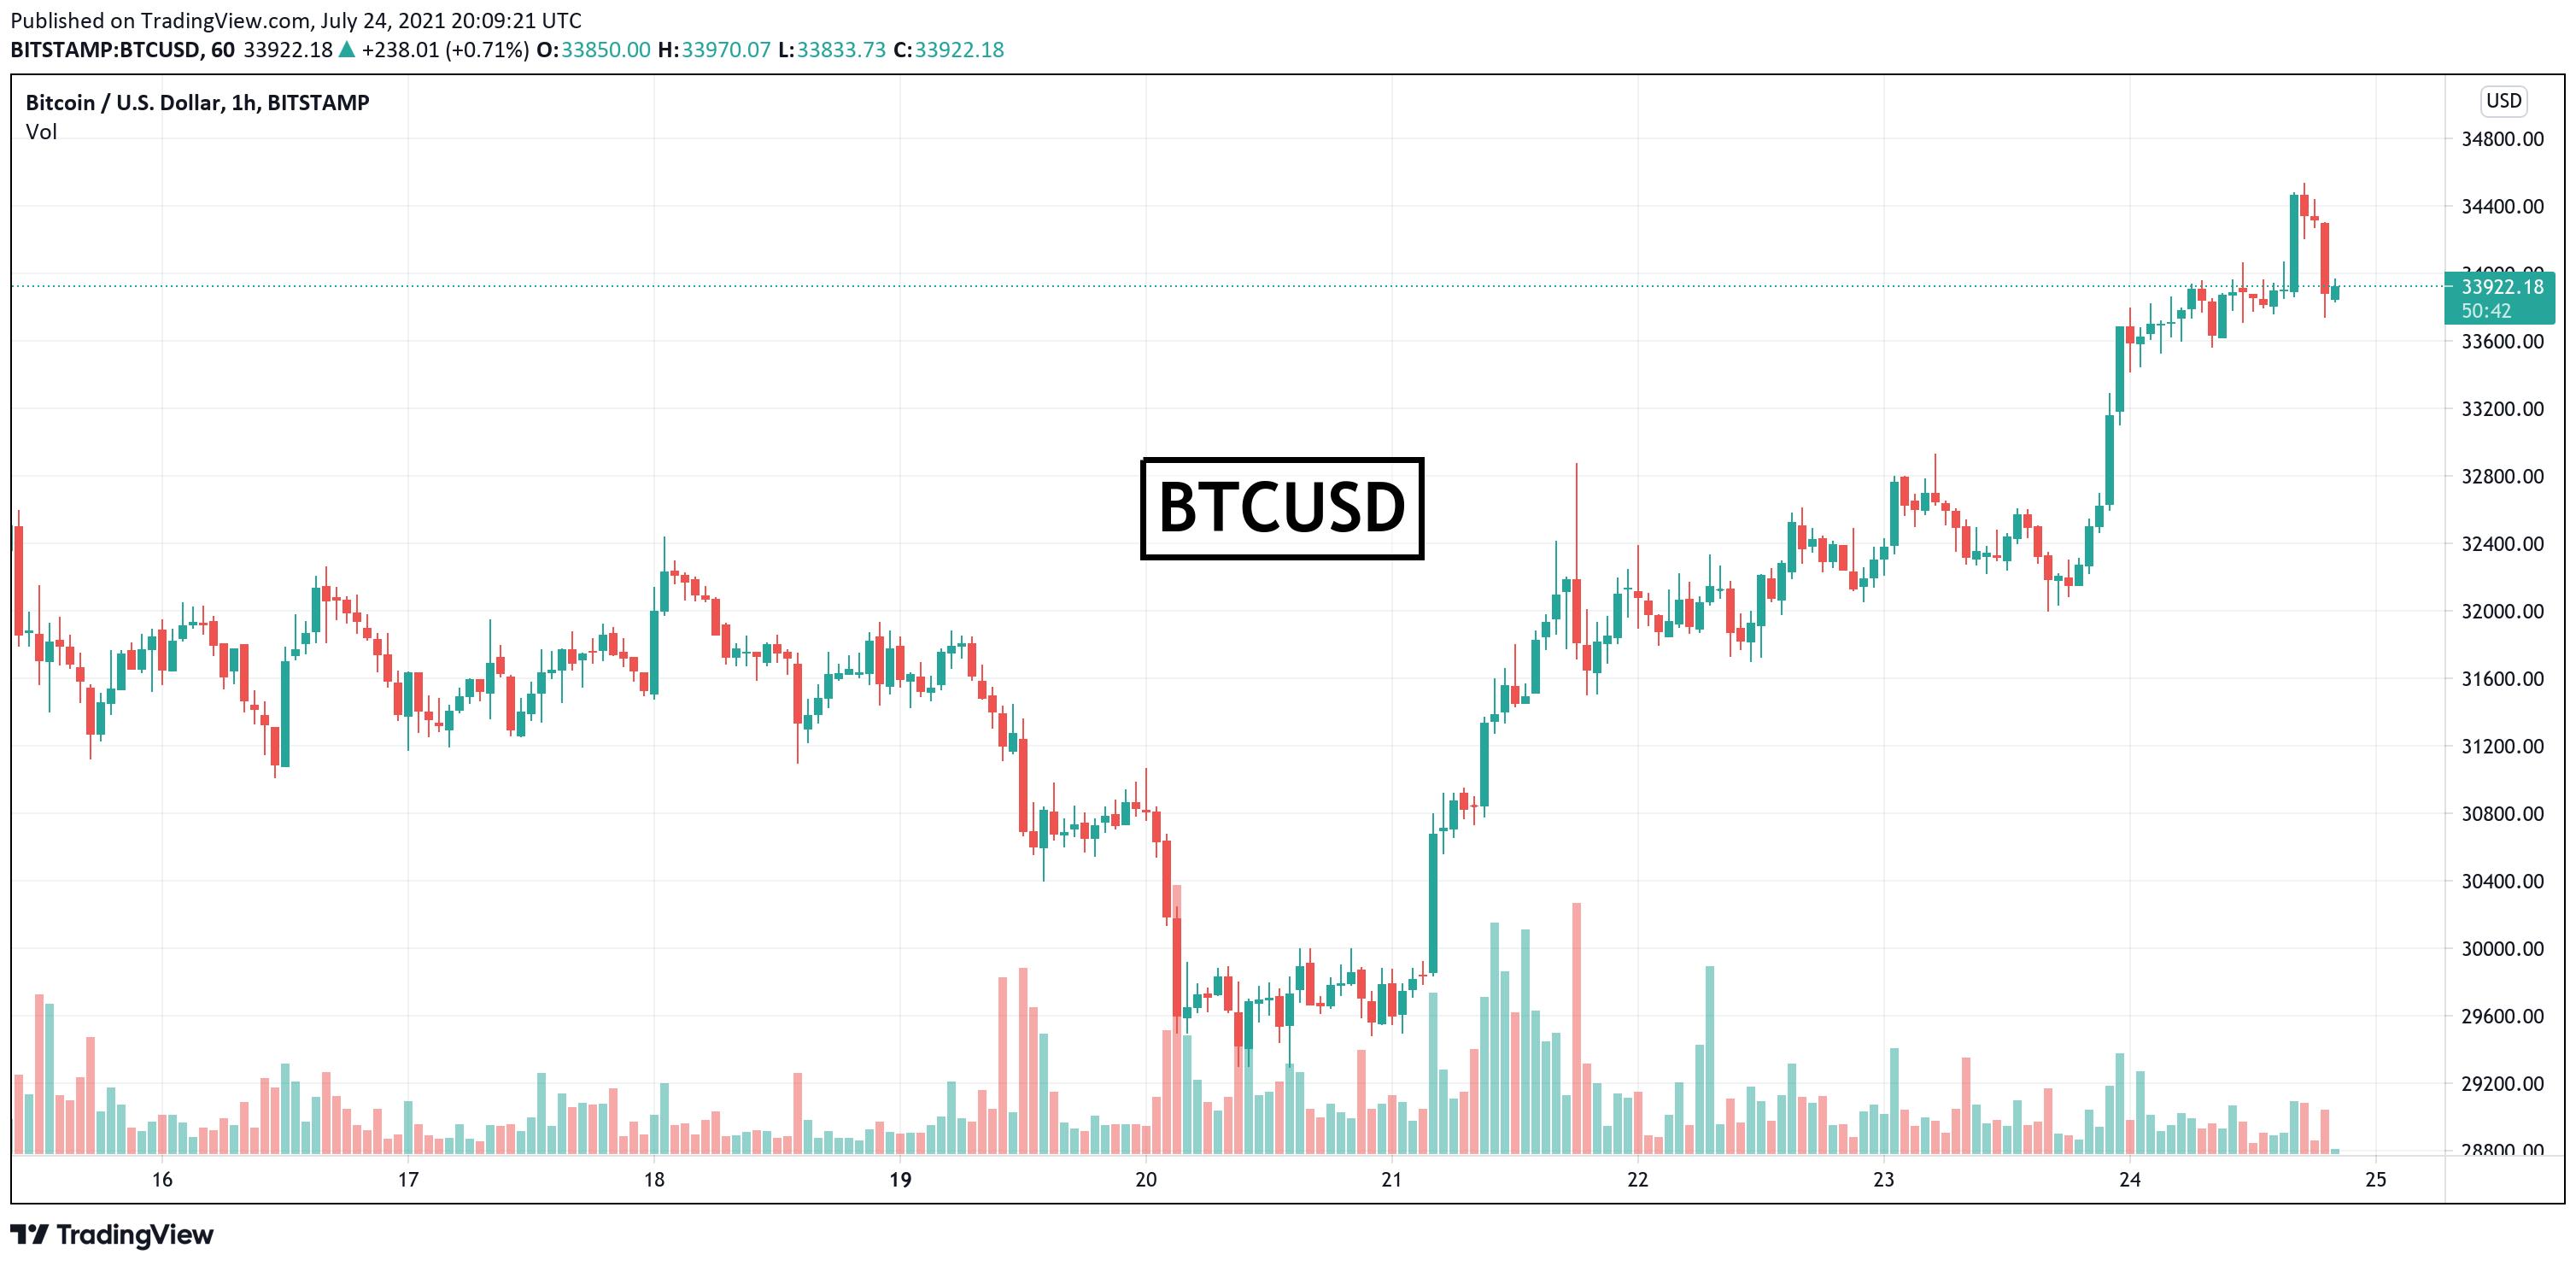 Bitcoin: prețul atinge $34,000 pe măsură ce investitorii se uită la următoarele rezistențe